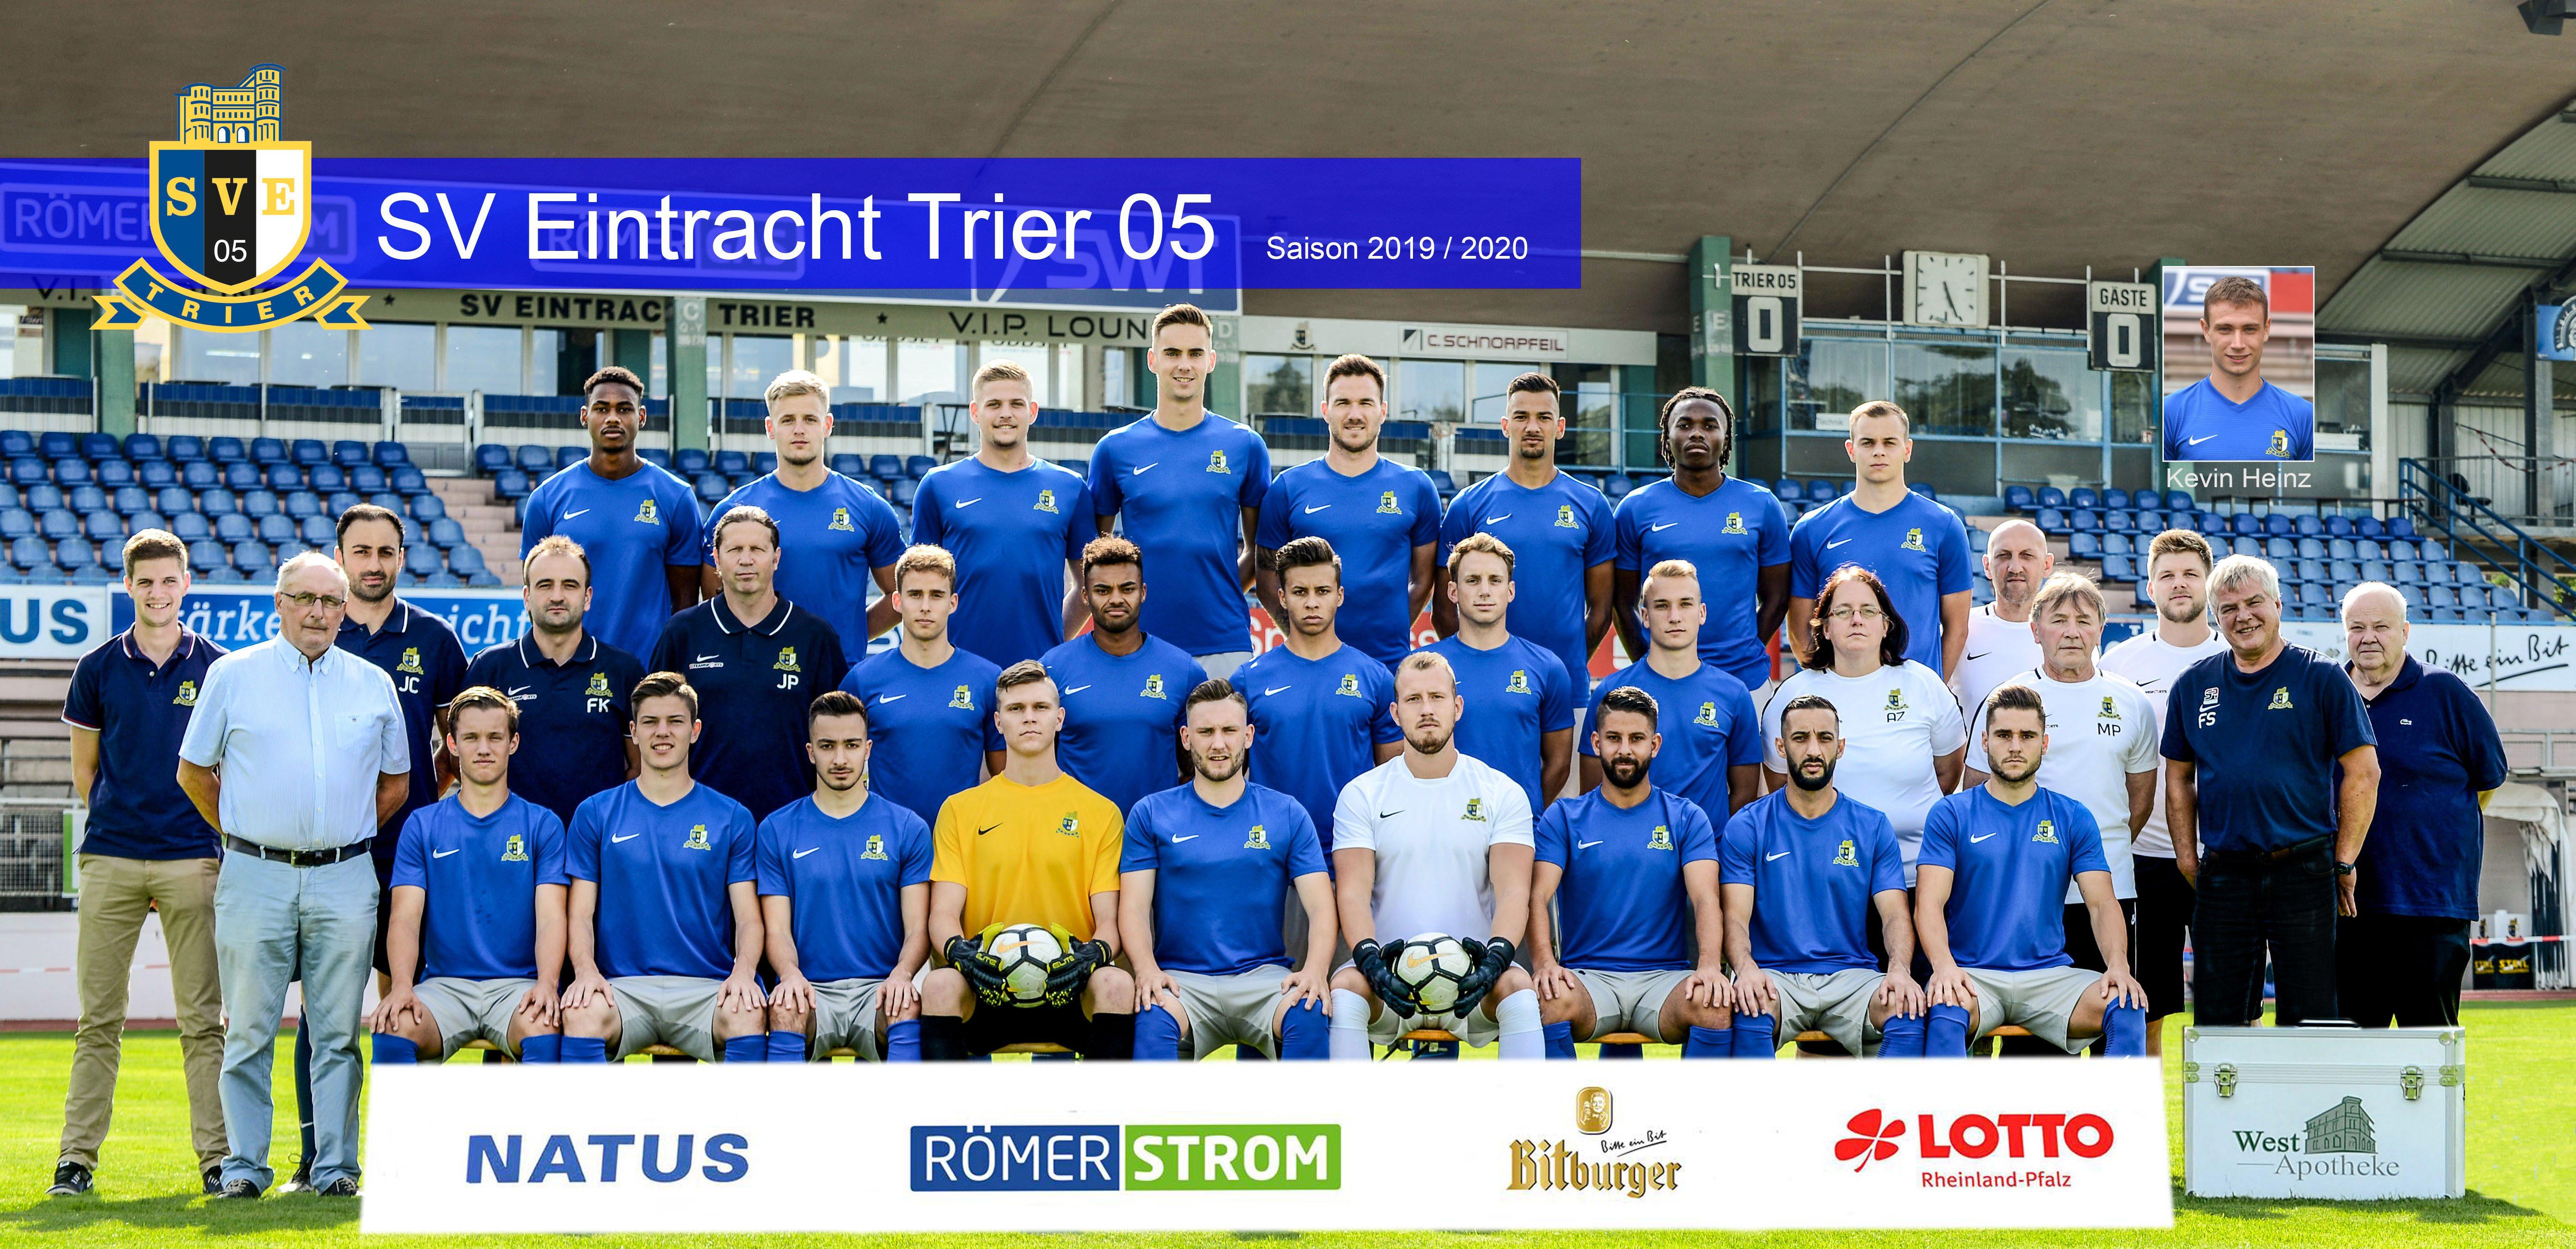 Eintracht Trier Liveticker